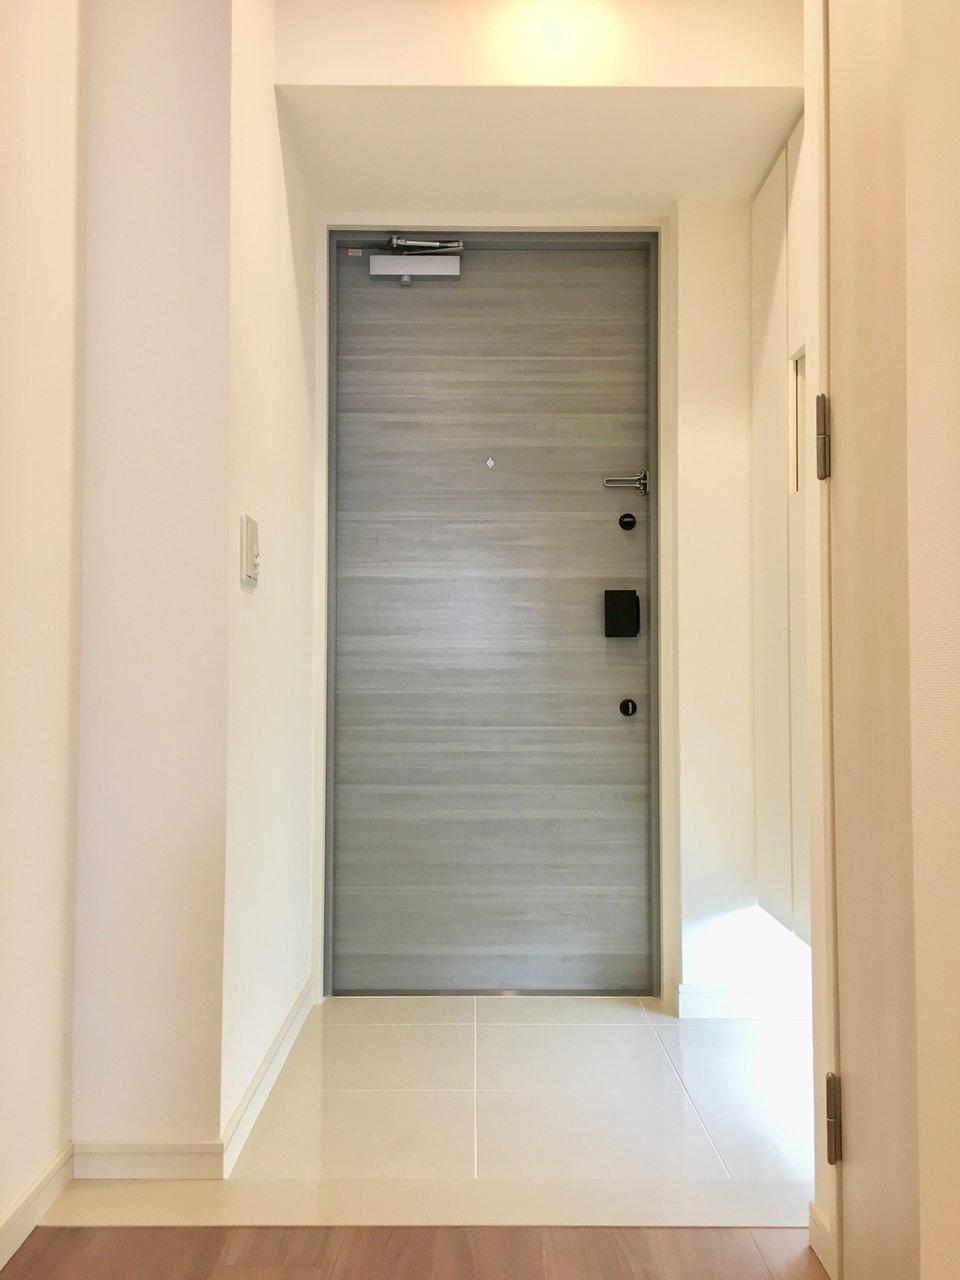 玄関に入ると人感センサーが反応して、パッと明るく迎えてくれるお部屋。これなら「スイッチスイッチ、、」と探さなくてもいいですね。